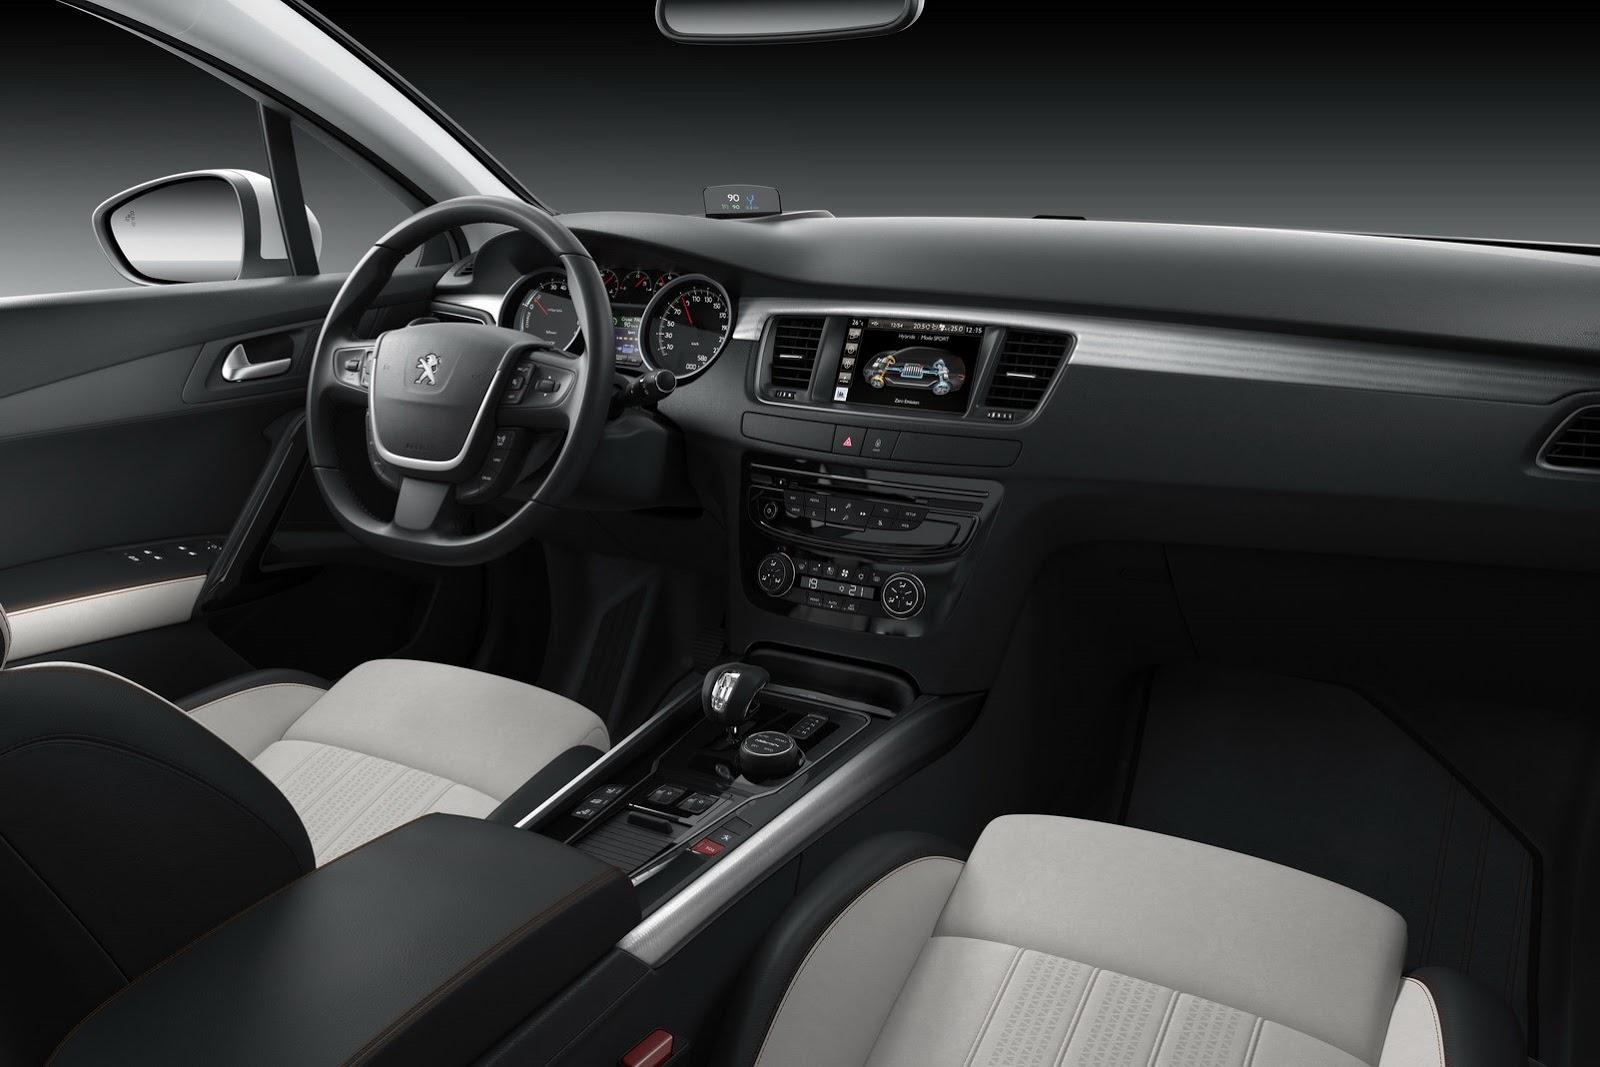 2015-Peugeot-508-18%25255B2%25255D.jpg